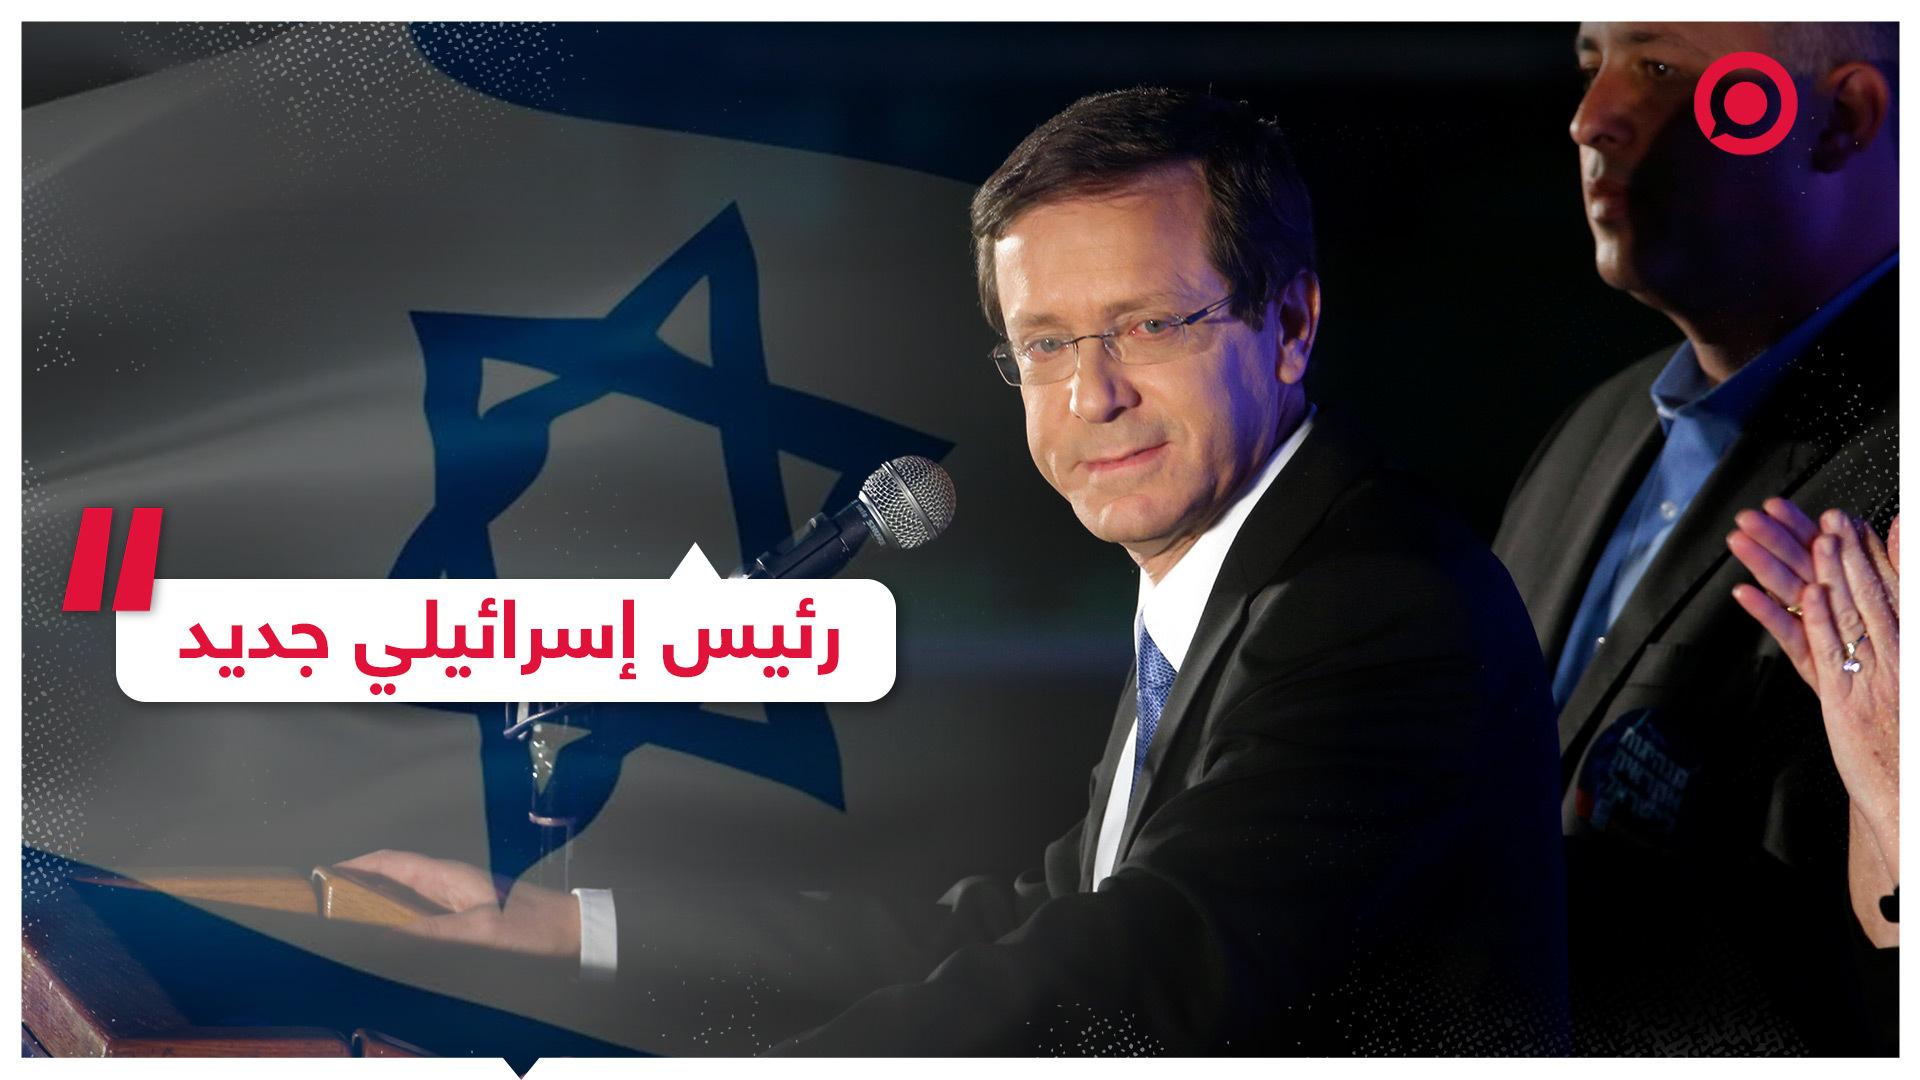 رئيس إسرائيلي جديد.. ماذا يحمل في جعبته؟